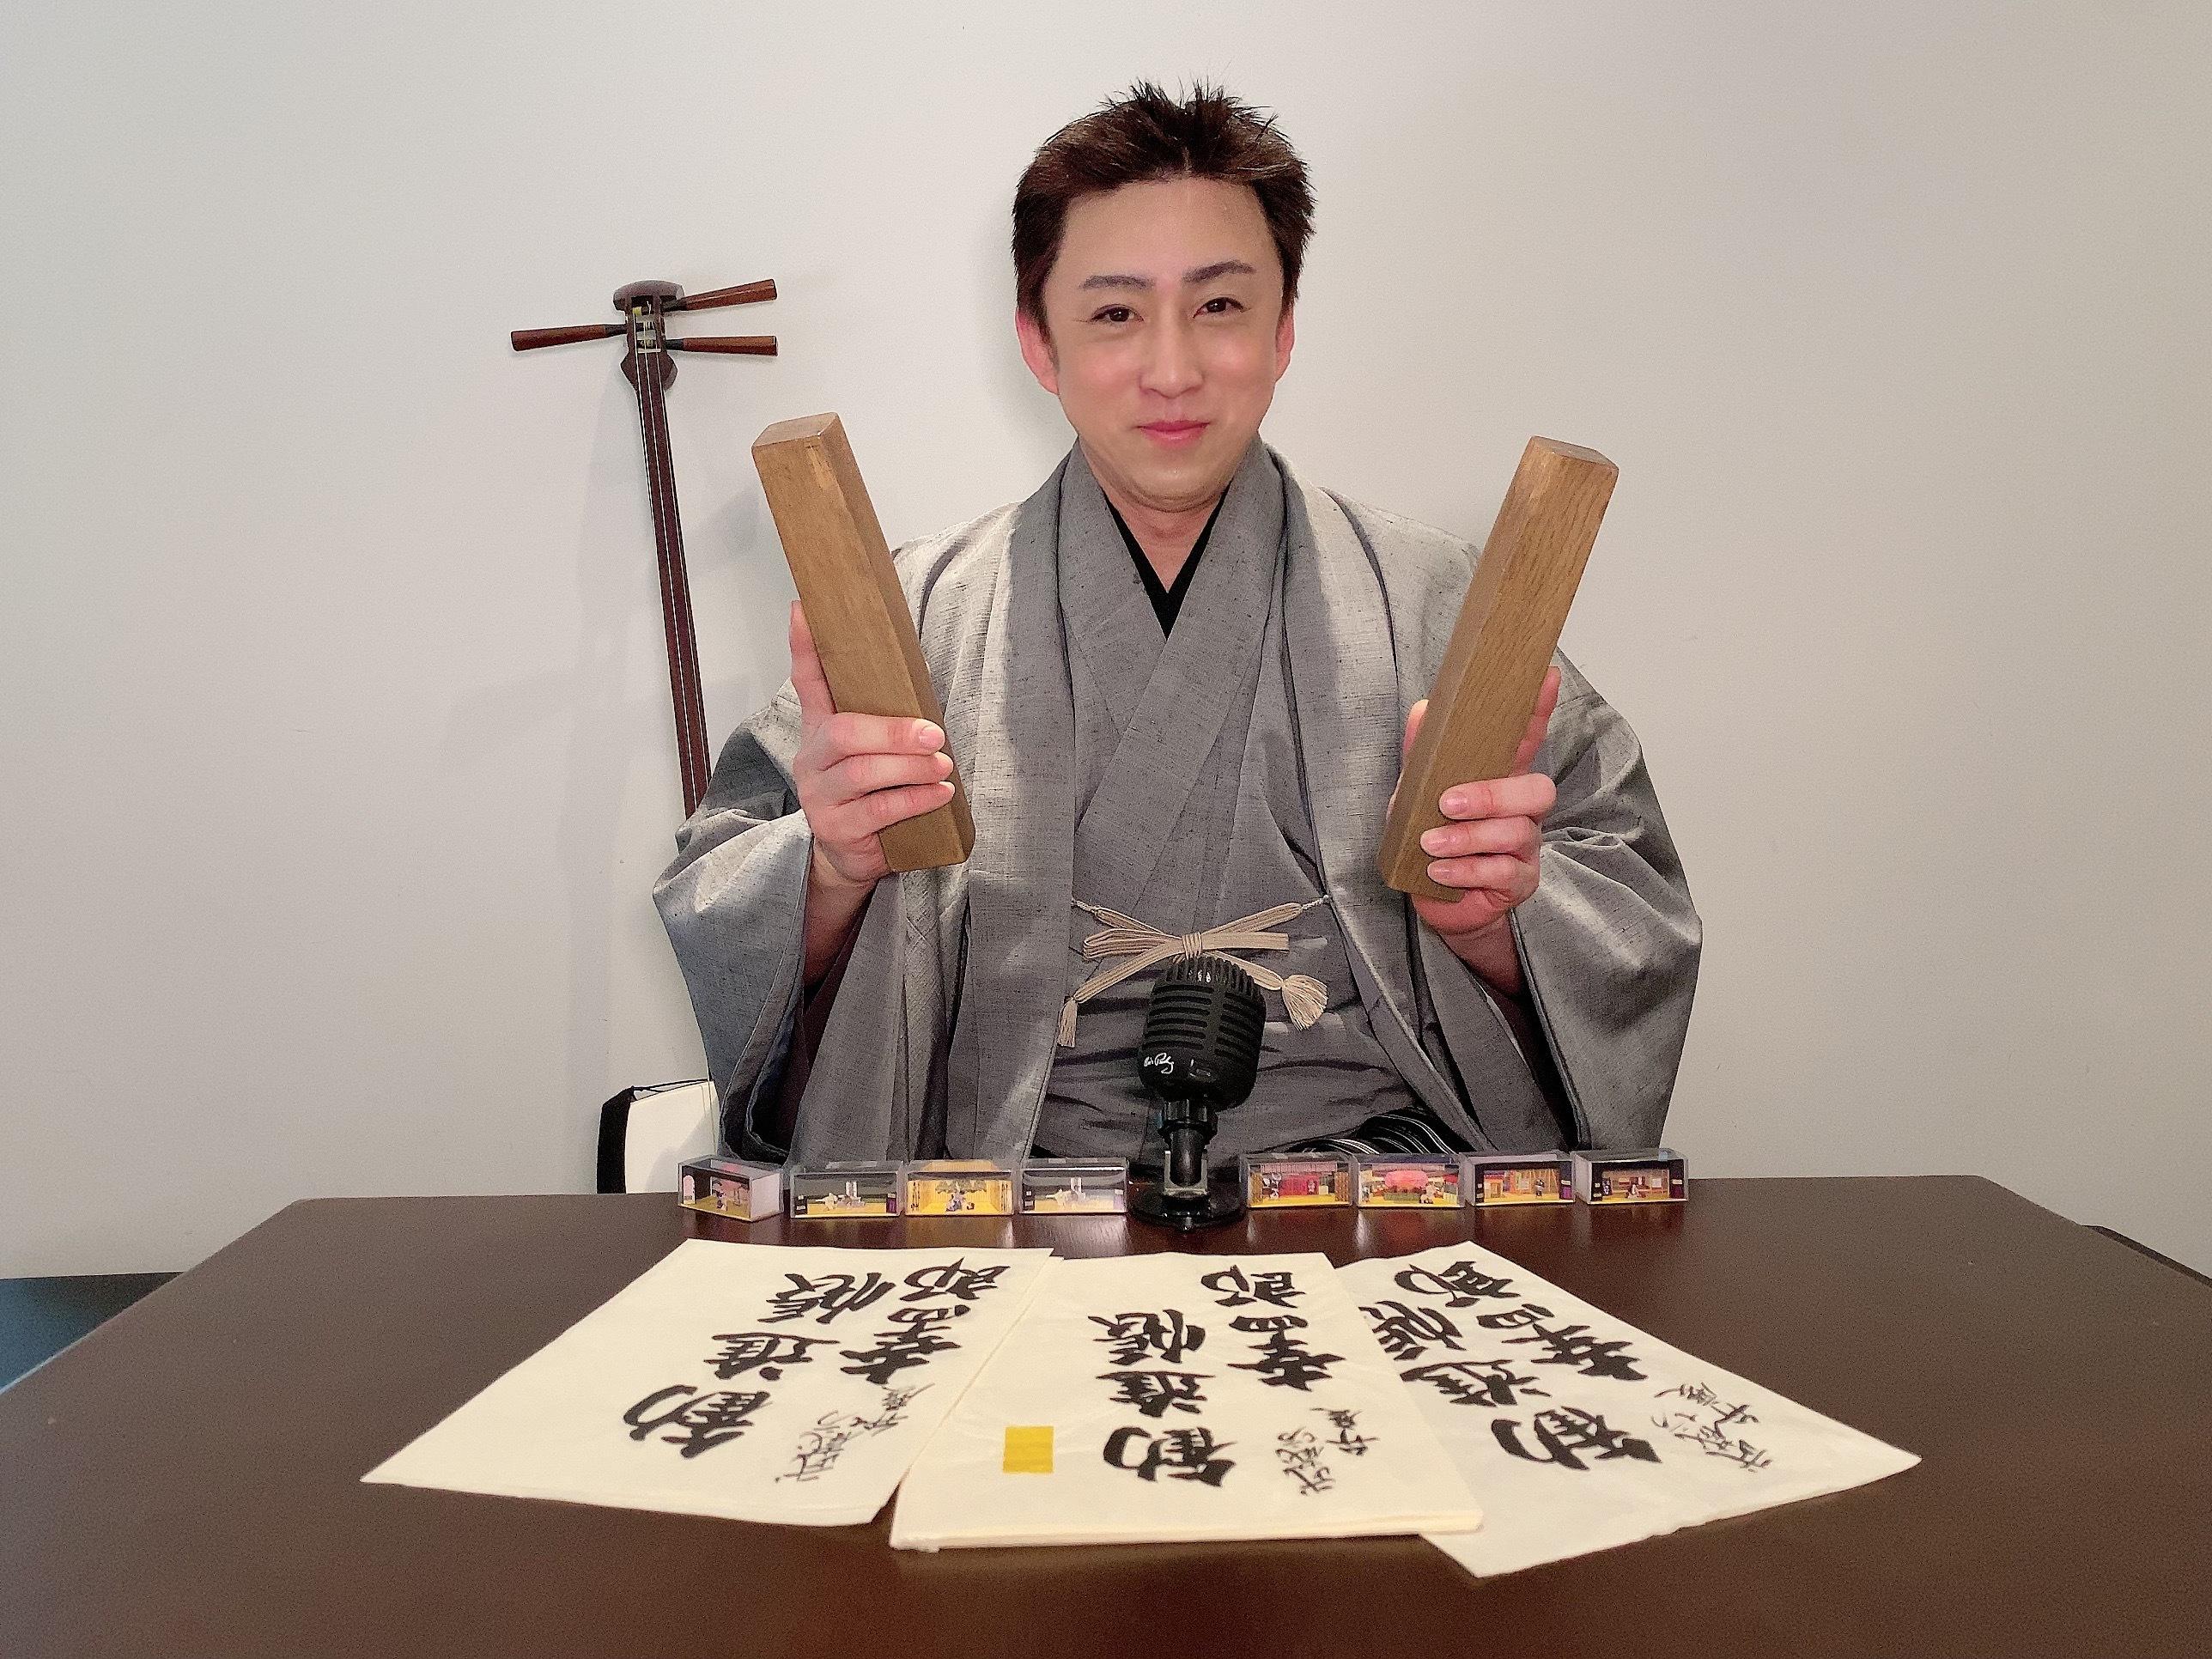 松本幸四郎さんが自宅でトークショーを開催!! オンライン配信で観覧できます!